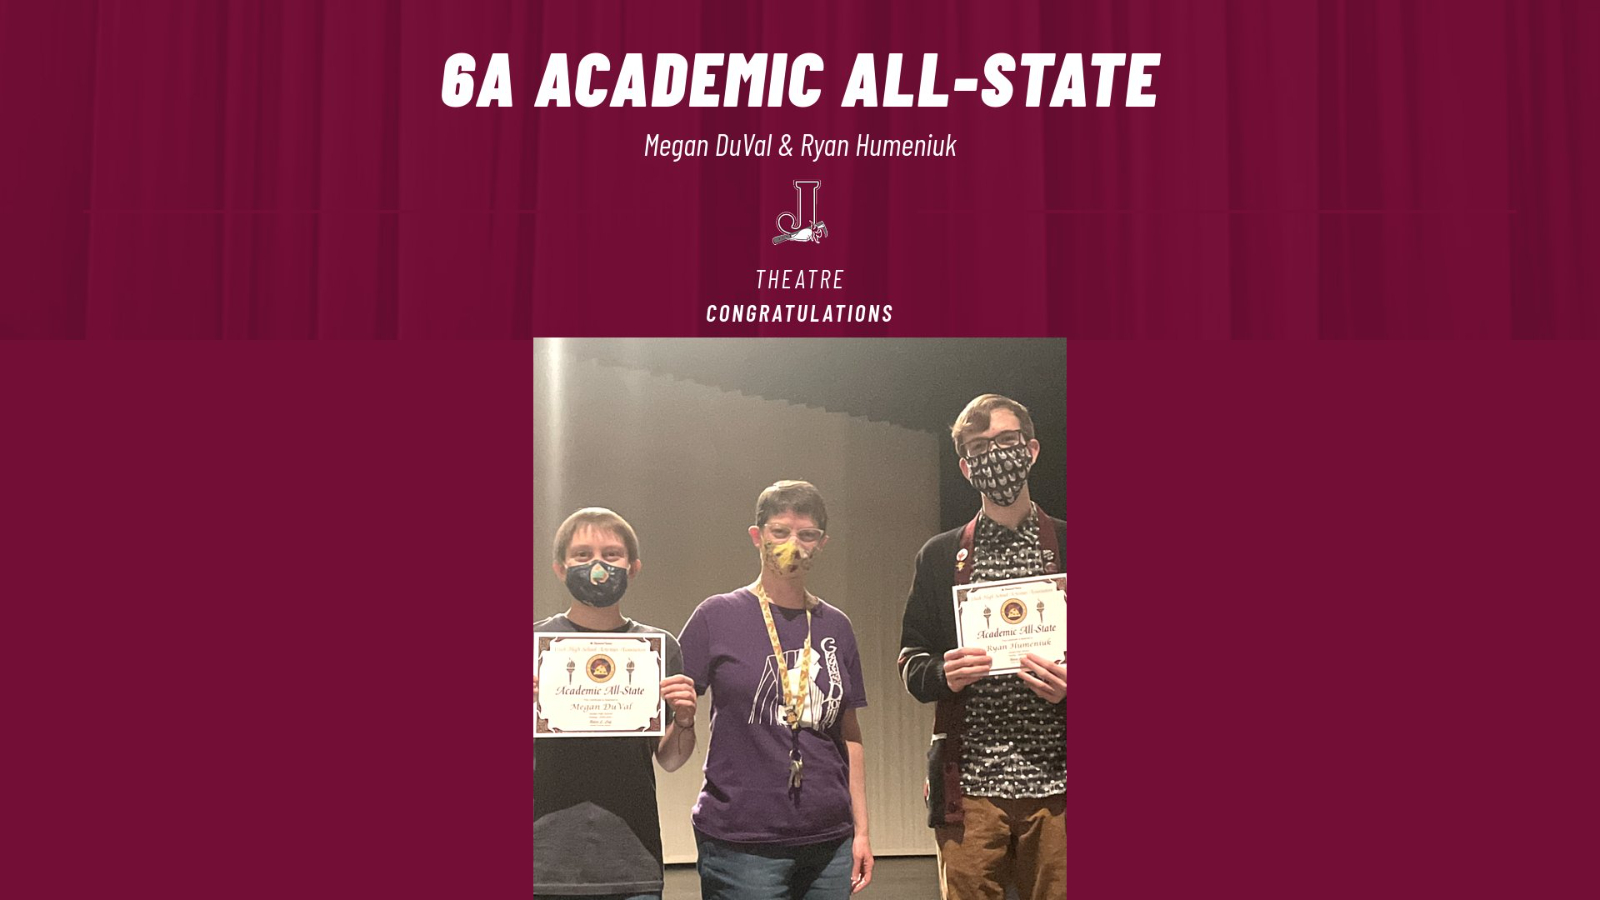 Megan DuVal & Ryan Humeniuk (Theatre) Named Academic All-State